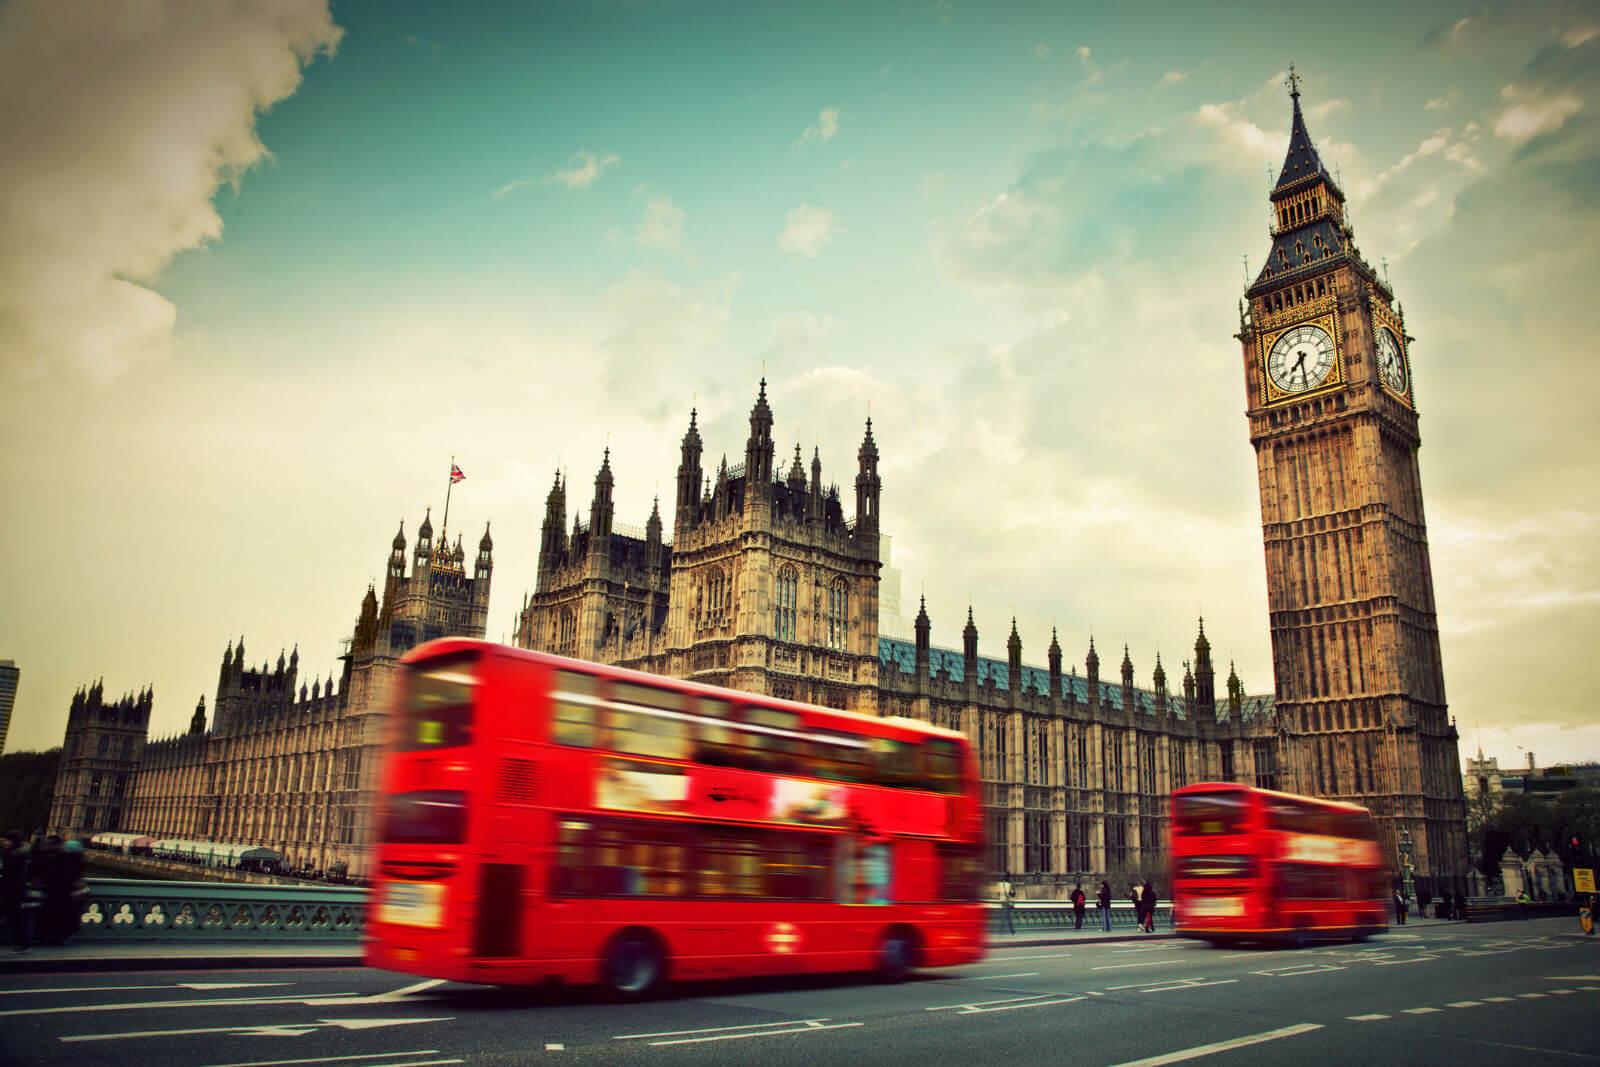 Du lịch Anh nên mua gì làm quà?